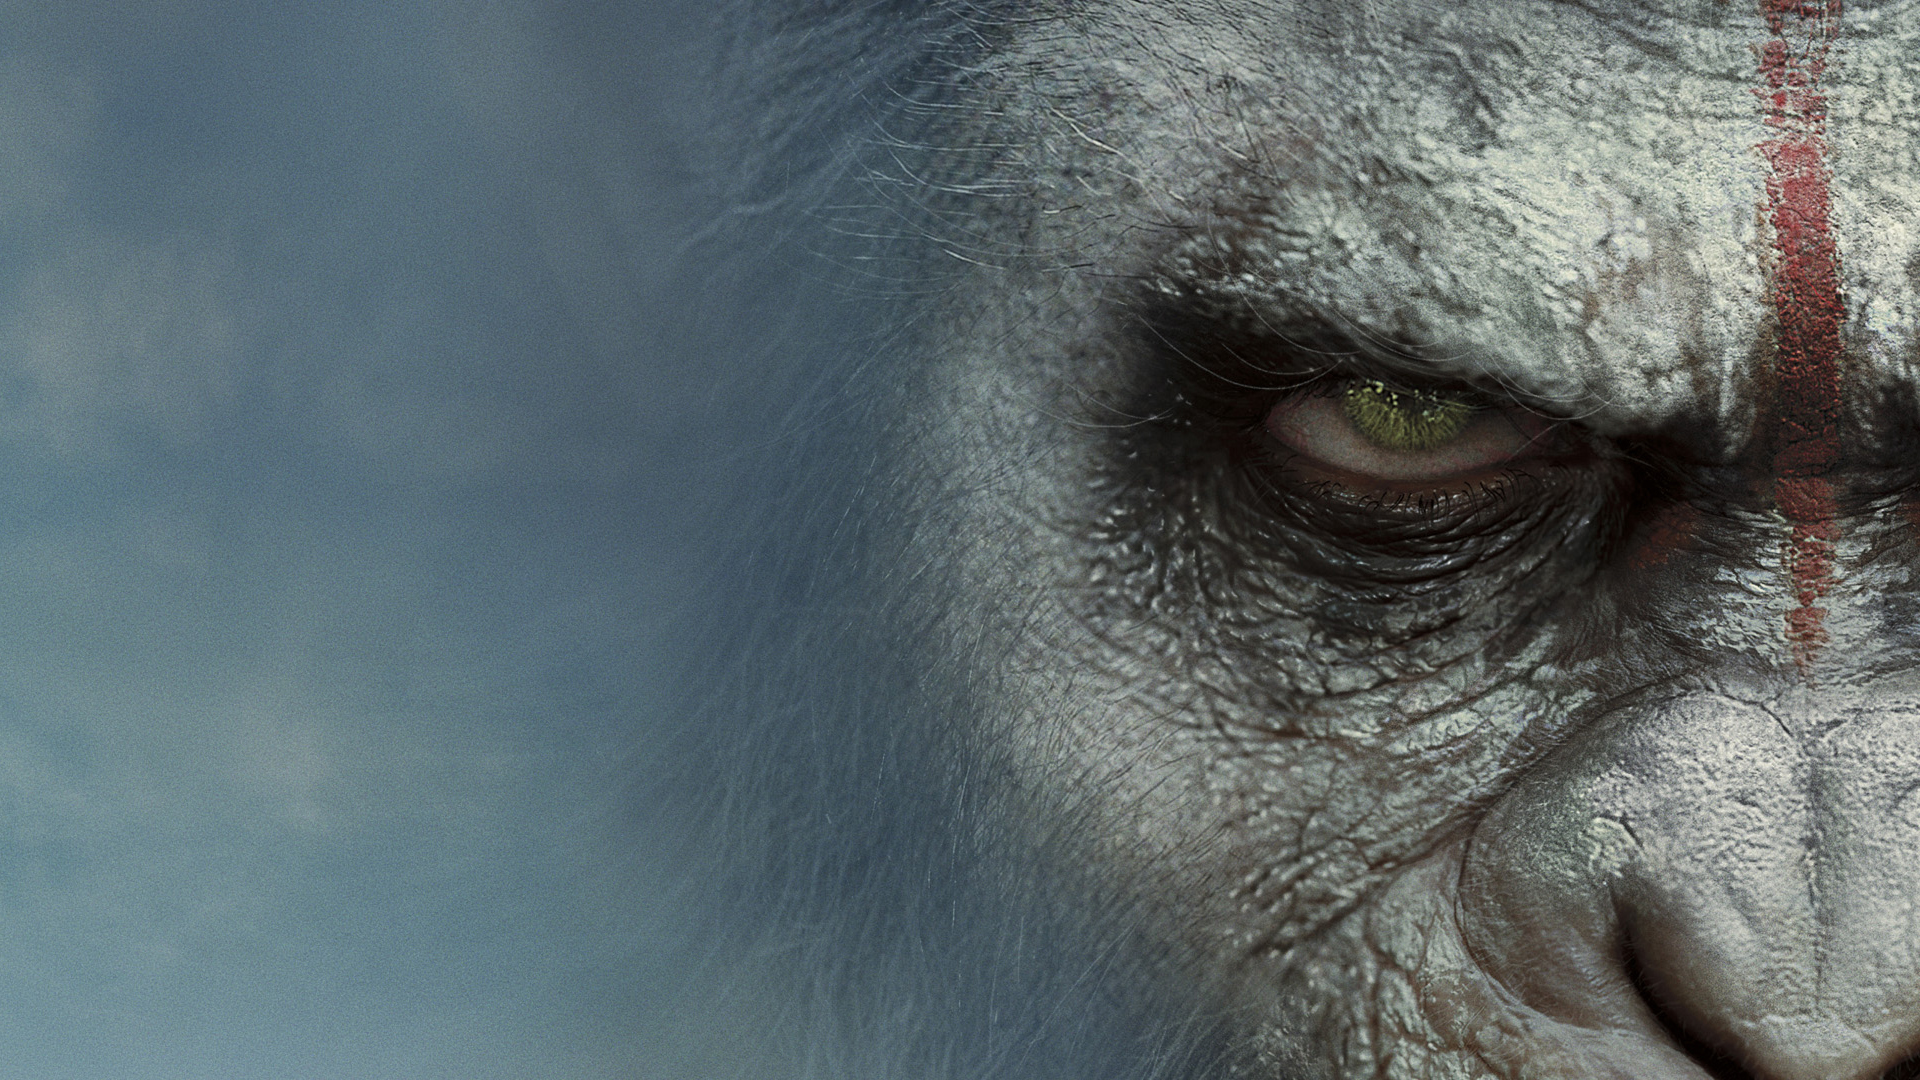 Planet of the apes wallpaper wallpapersafari - Caesar hd wallpaper ...